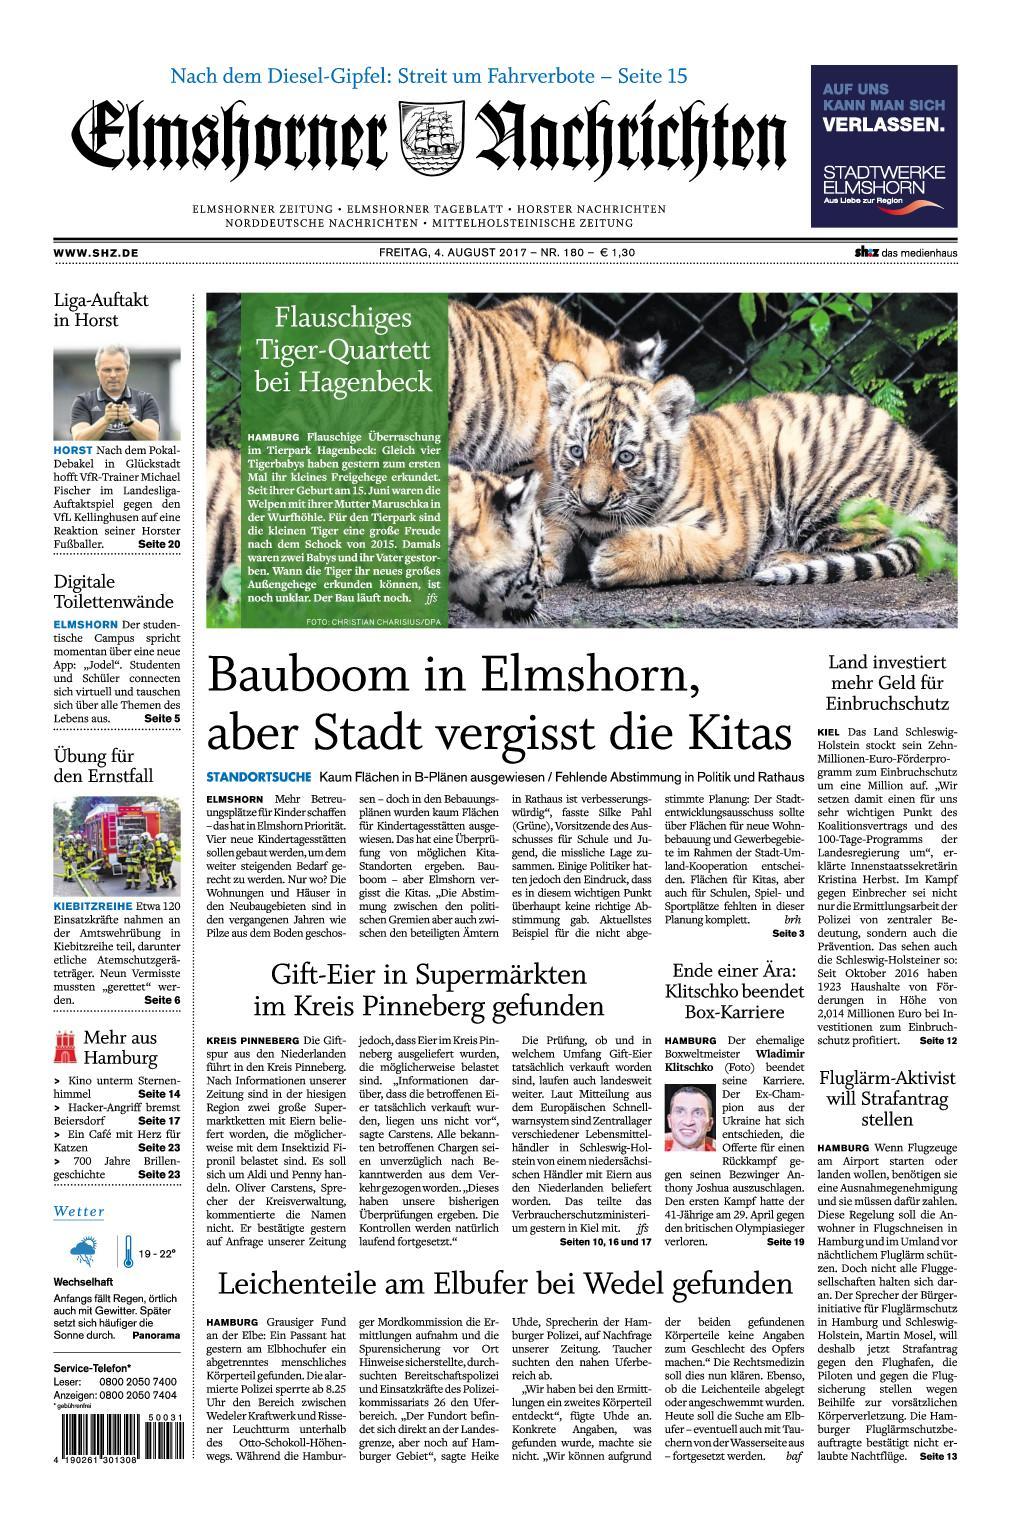 Elmshorner Nachrichten 04 August 2017